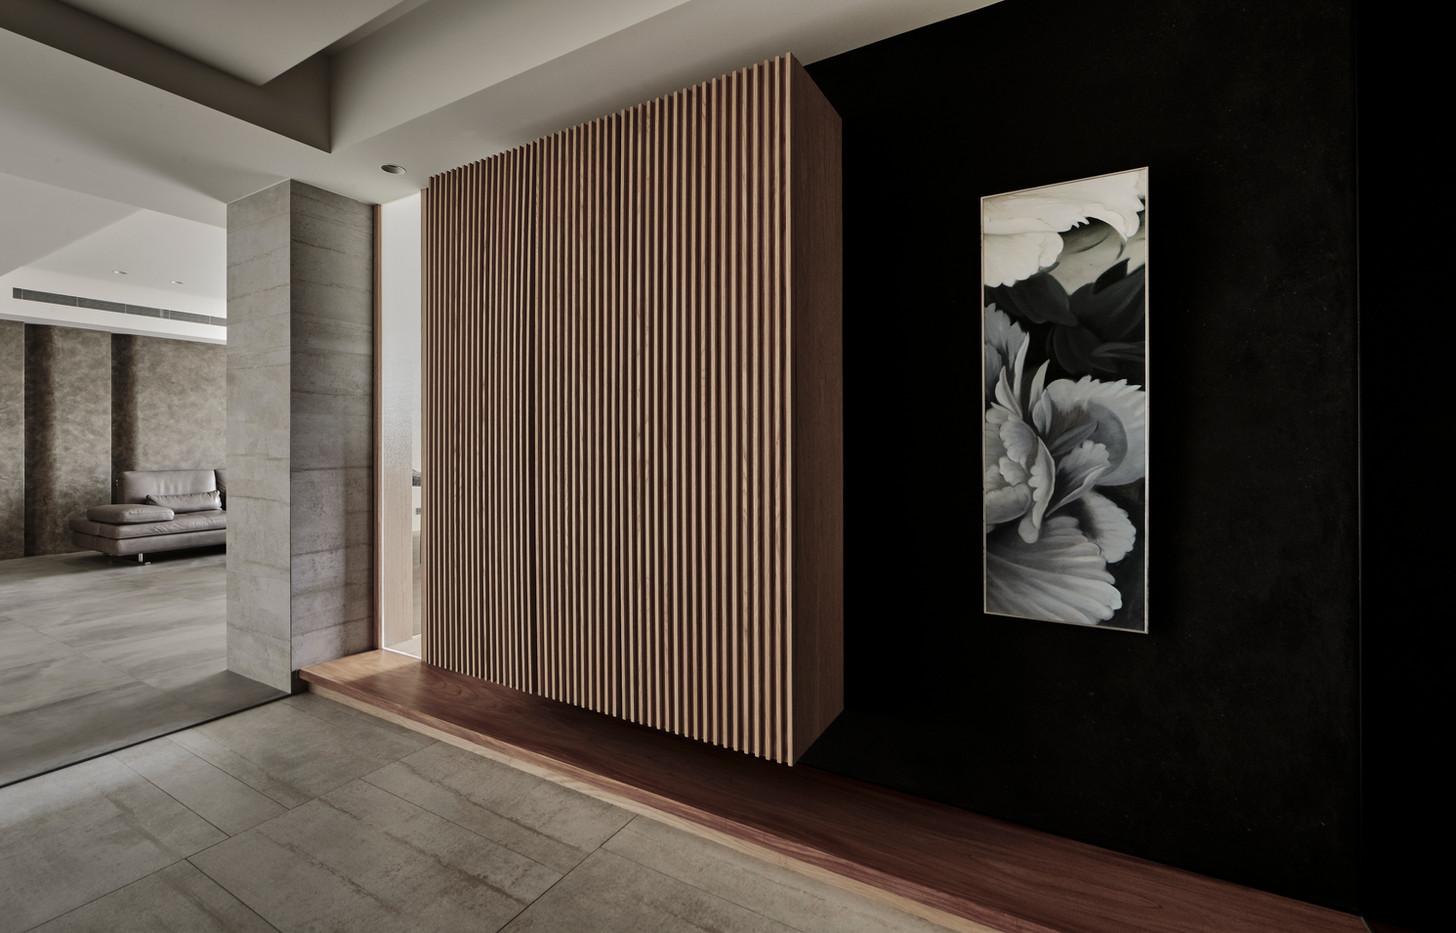 ◆坪數:74坪 ◆業主:6人家庭 ◆空間性質:三代同堂,四房兩廳四衛一佛堂一書房 ◆使用建材:日本進口榻榻米、日本進口障子、、日本壁紙、台檜